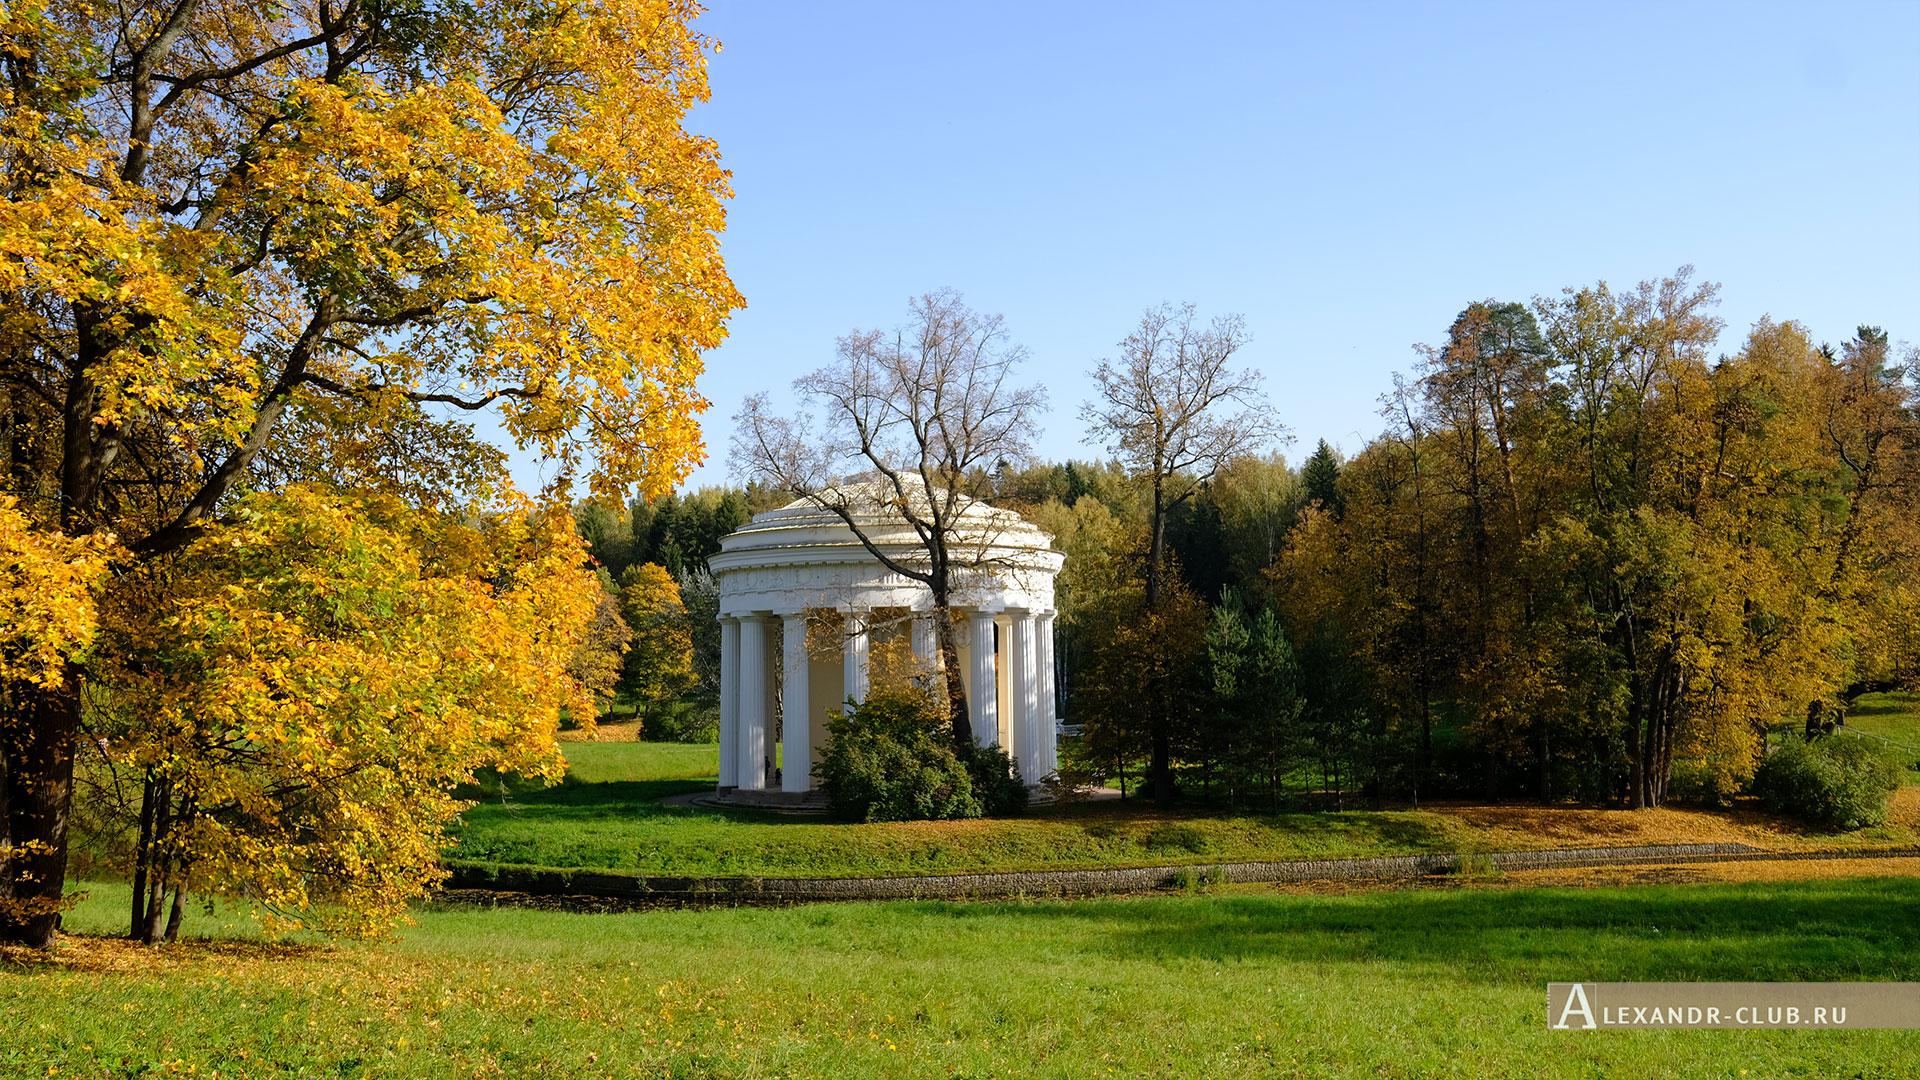 Павловск, осень, Павловский парк, Храм Дружбы